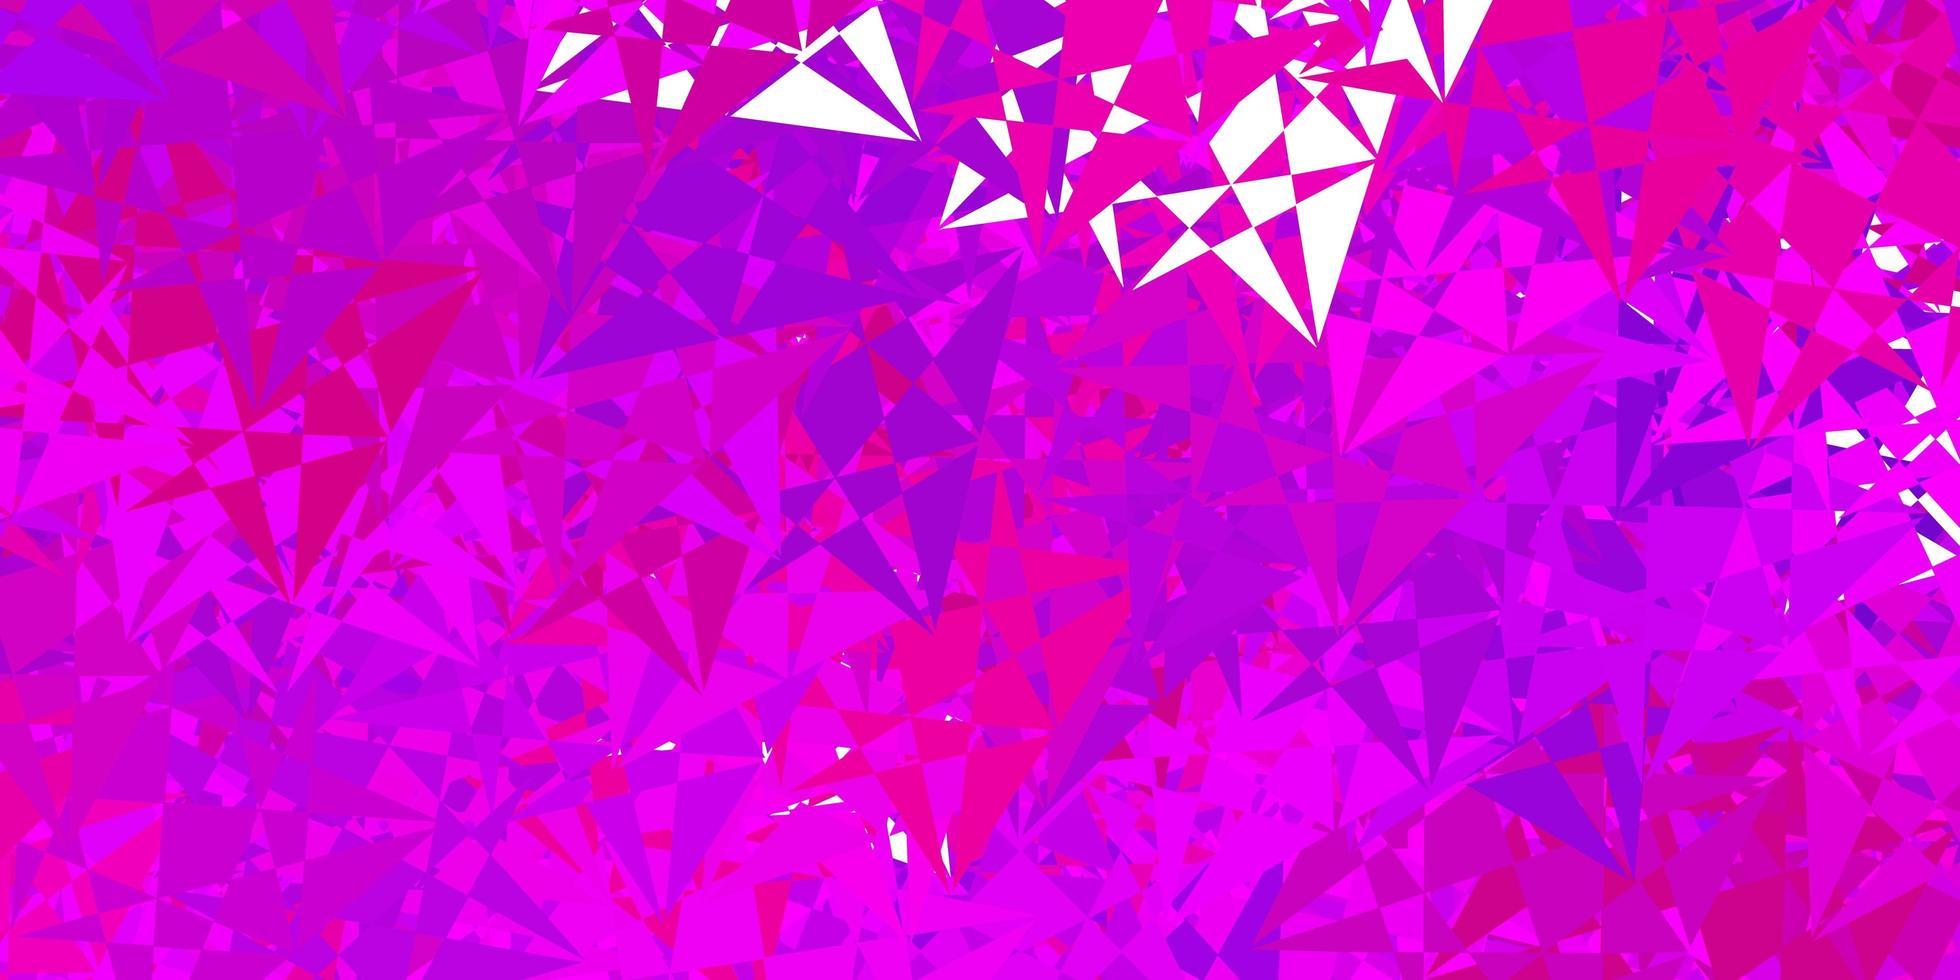 sfondo vettoriale rosa chiaro con forme poligonali.